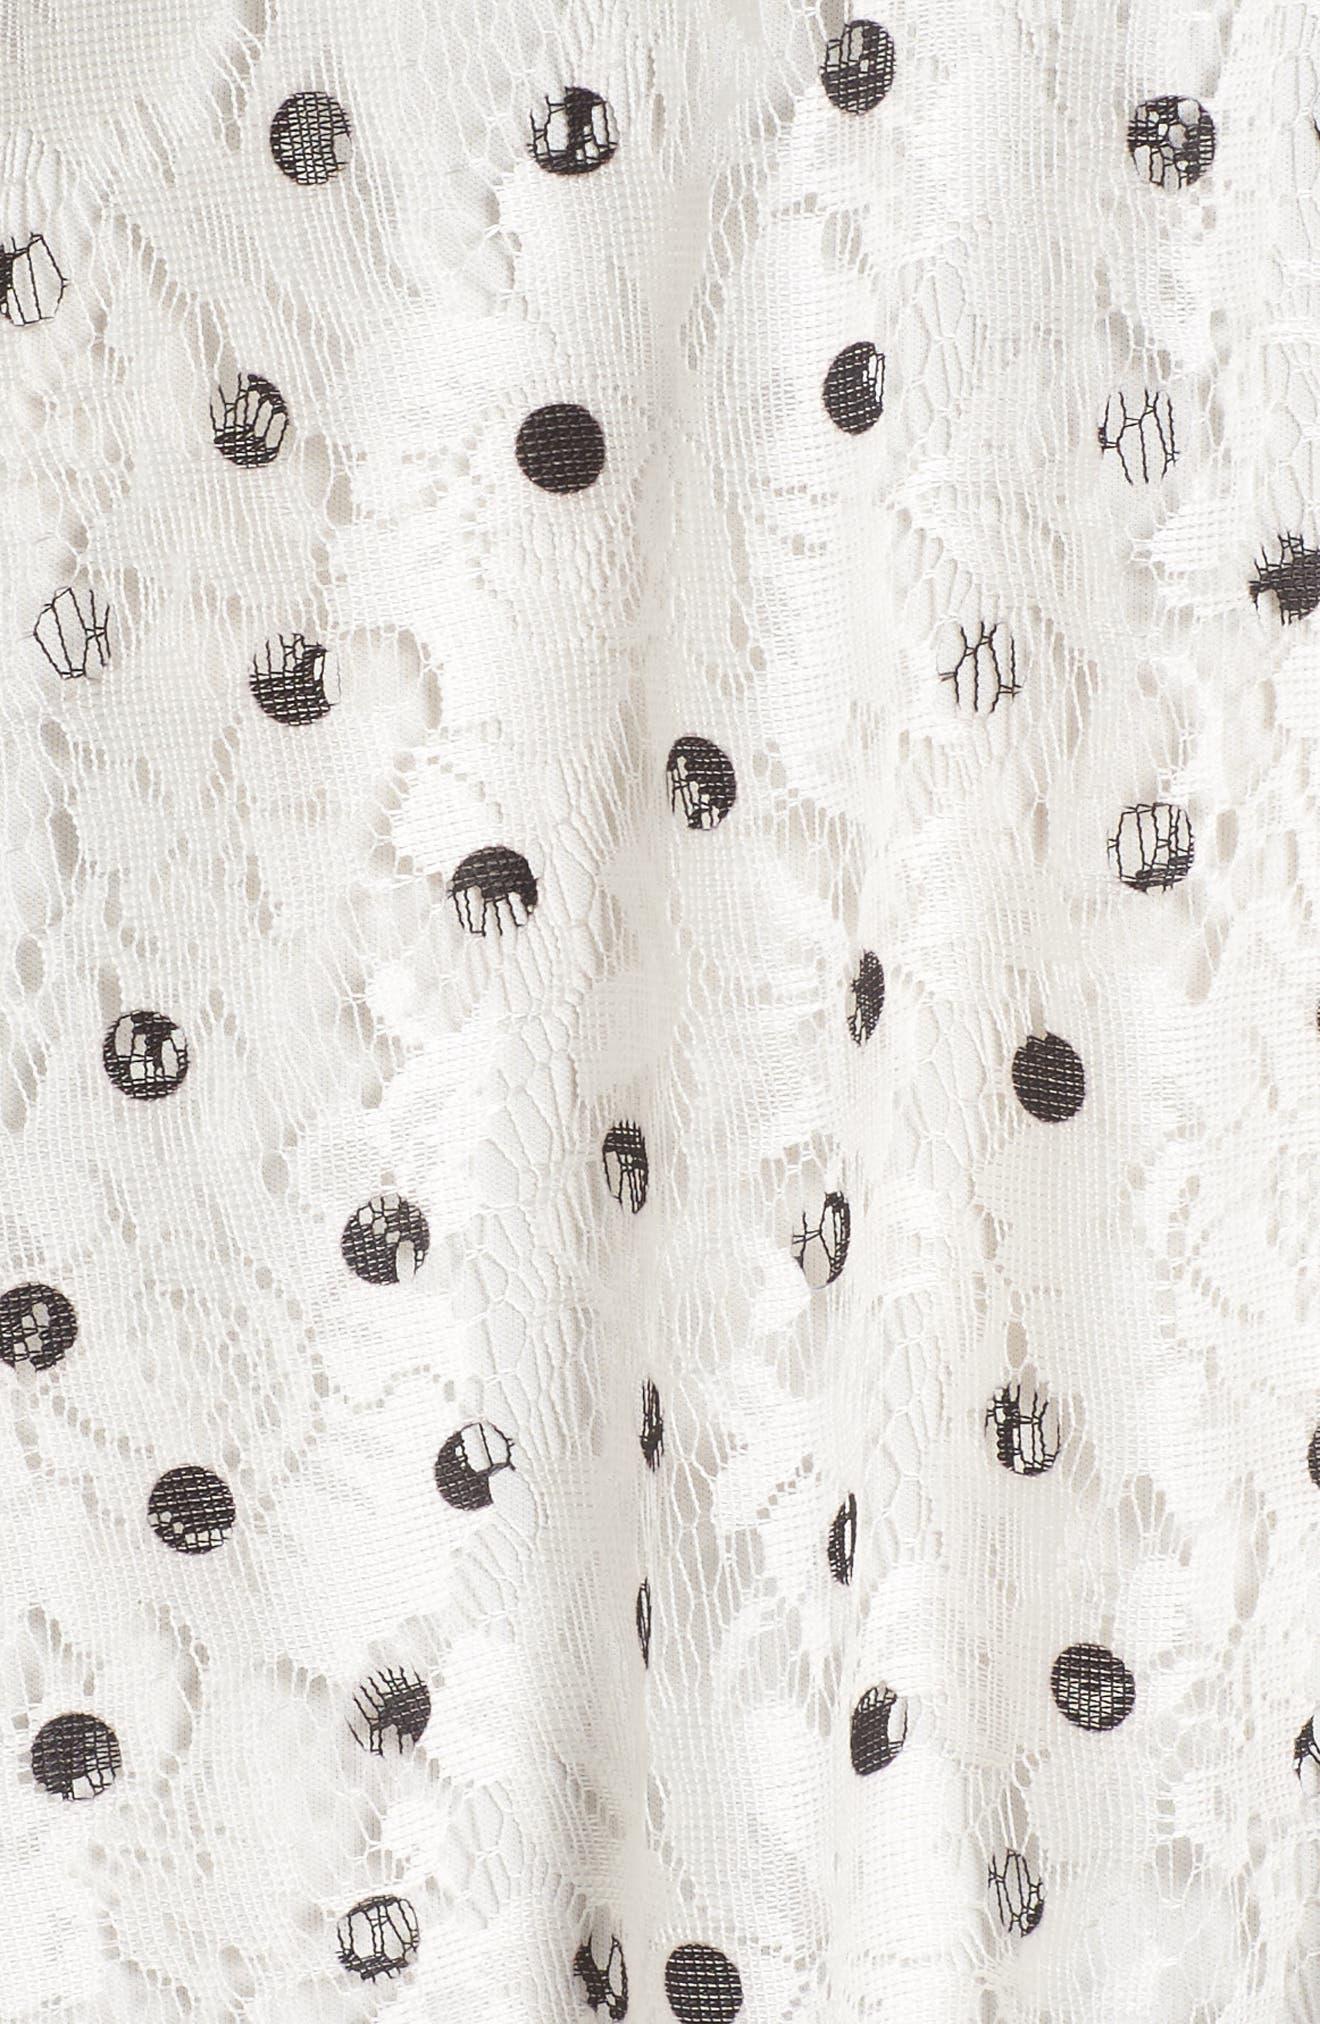 Polka Dot Lace Midi Dress,                             Alternate thumbnail 5, color,                             Ivory/ Black